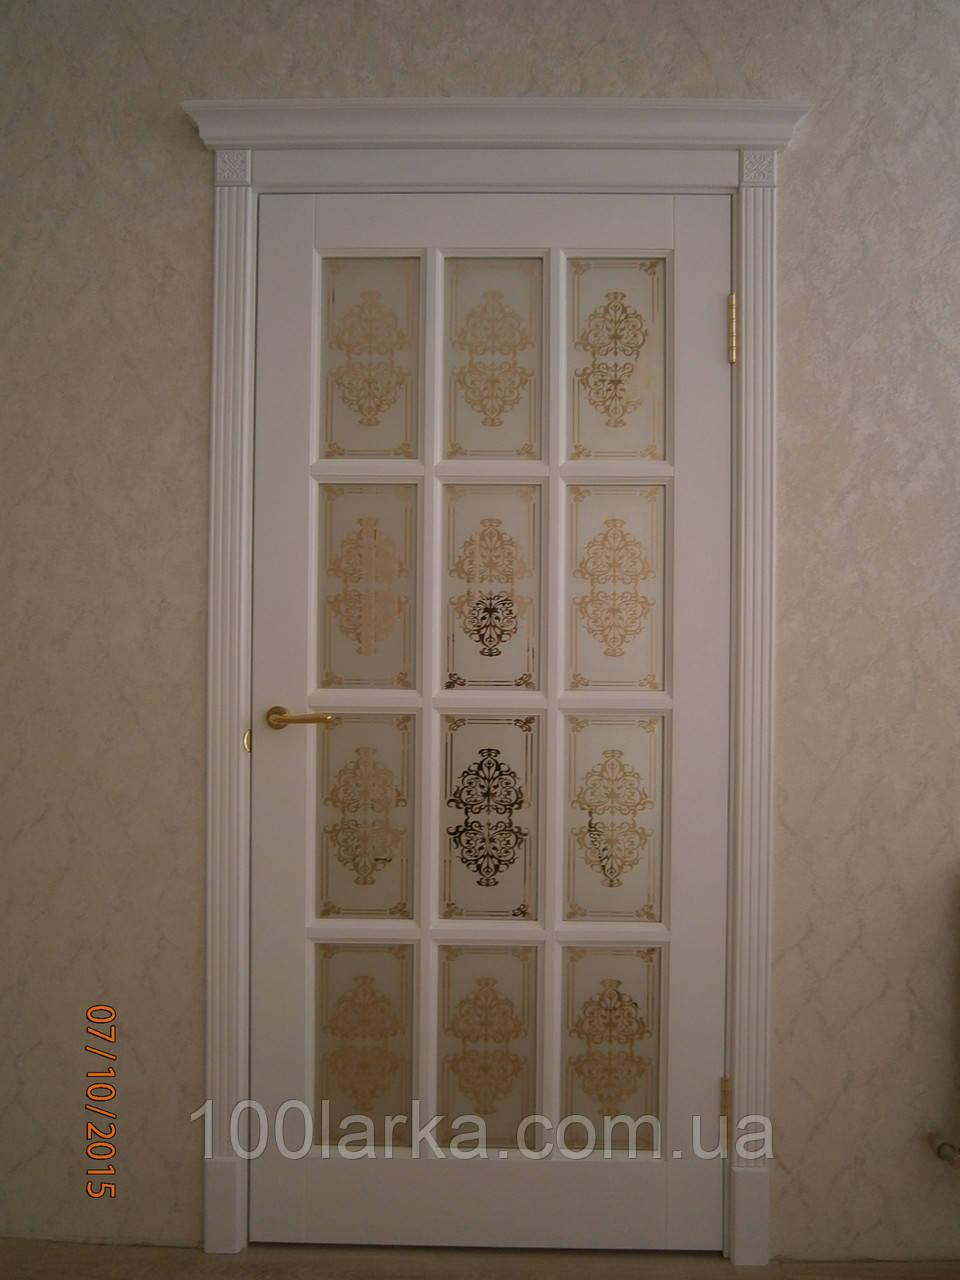 Двери М-3/12  межкомнатные деревянные